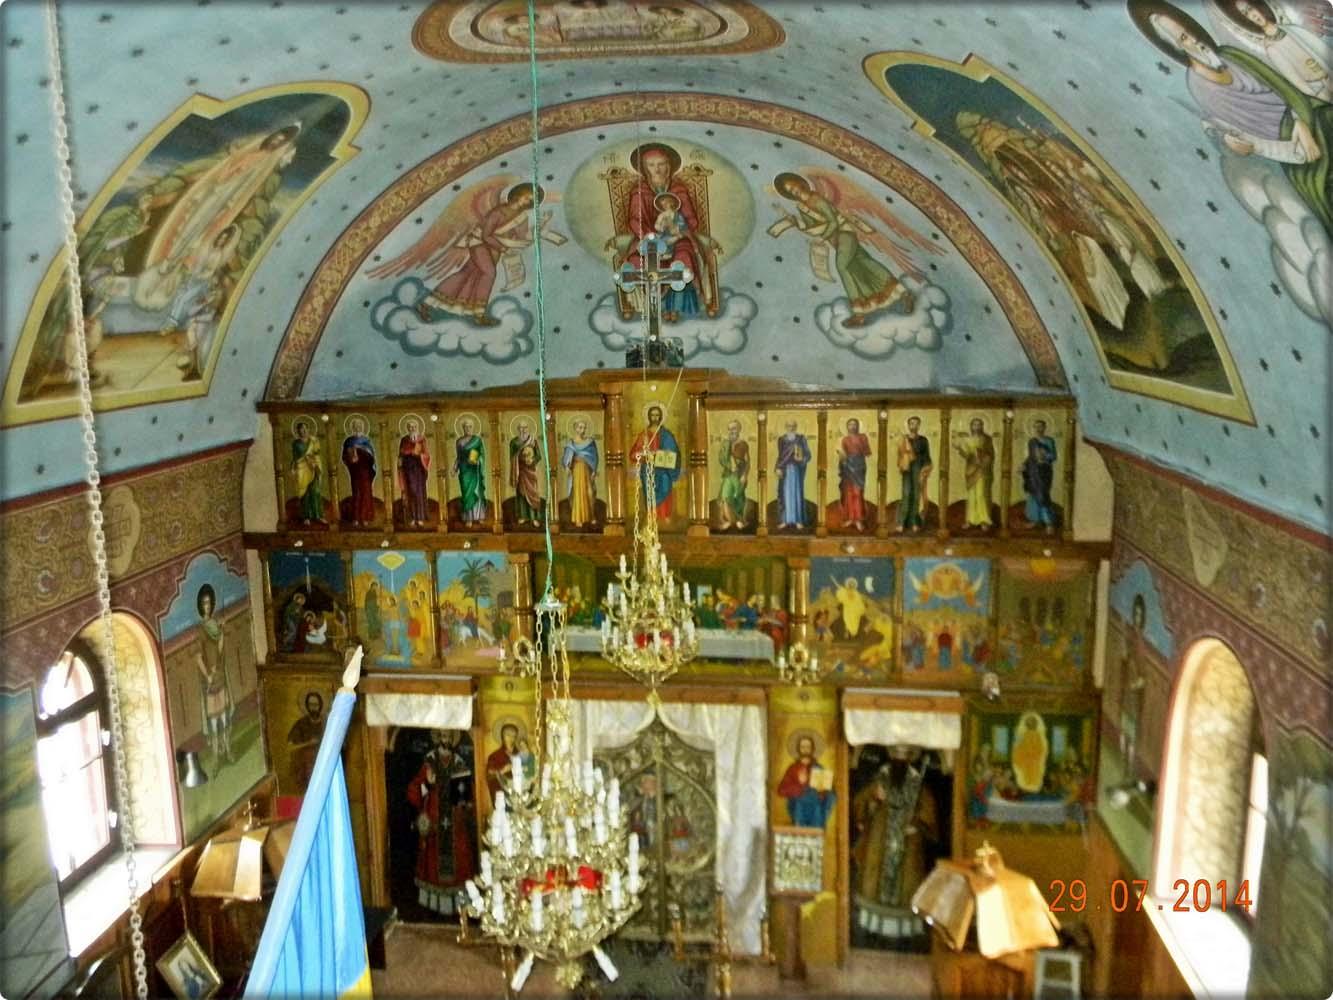 vedere de sus a interiorului bisericii